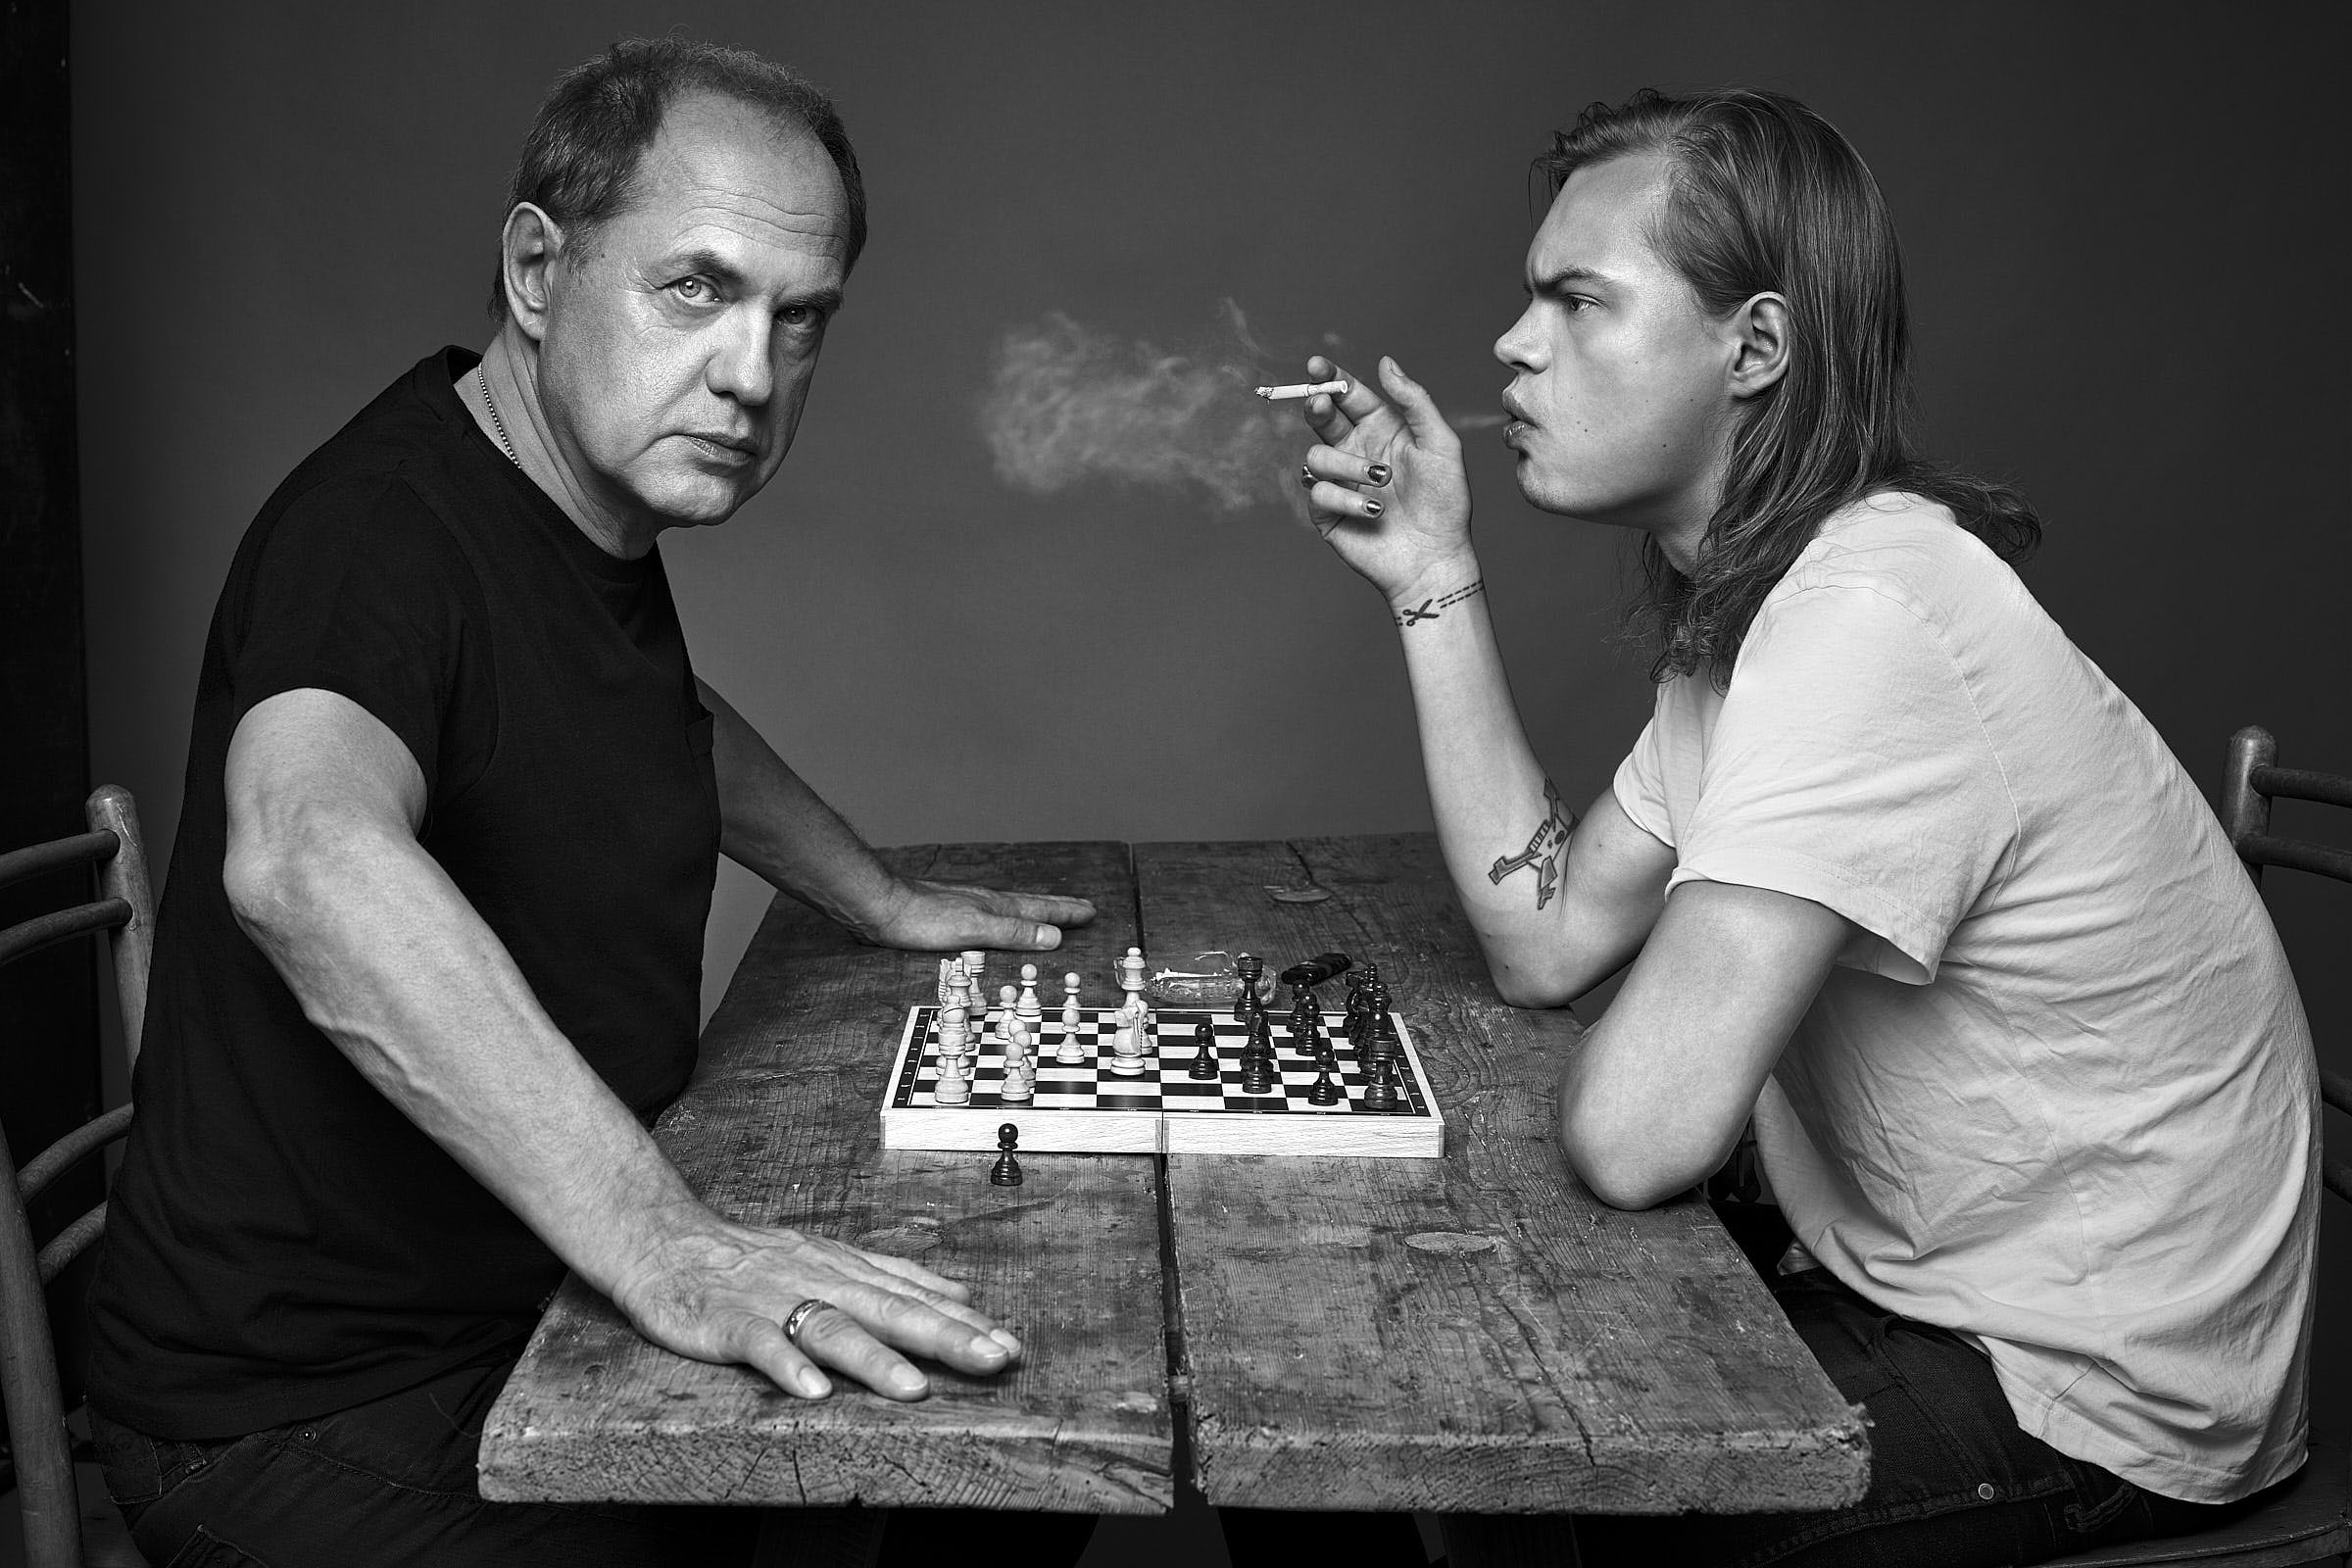 Uwe und Wilson-Gonzalez Ochsenknecht am 17.08.2015 im Studio Kraehahn Berlin